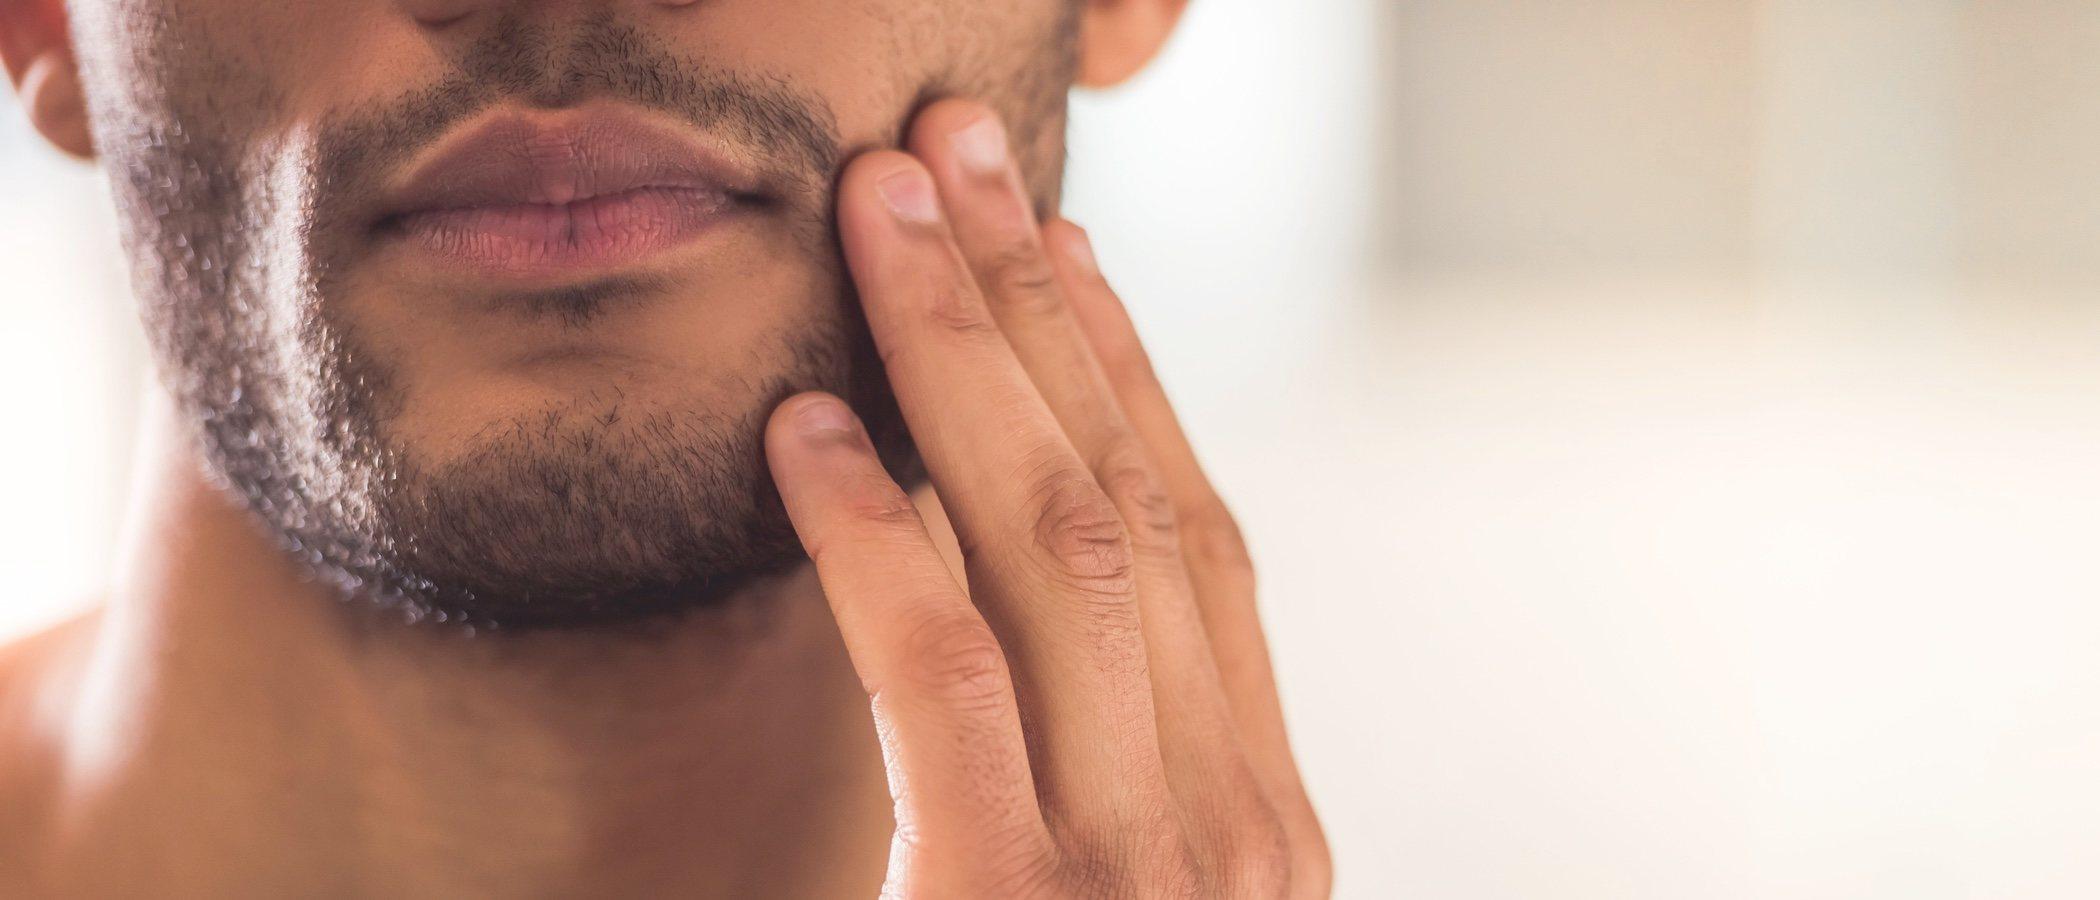 ¿Cómo cuidar tu barba?